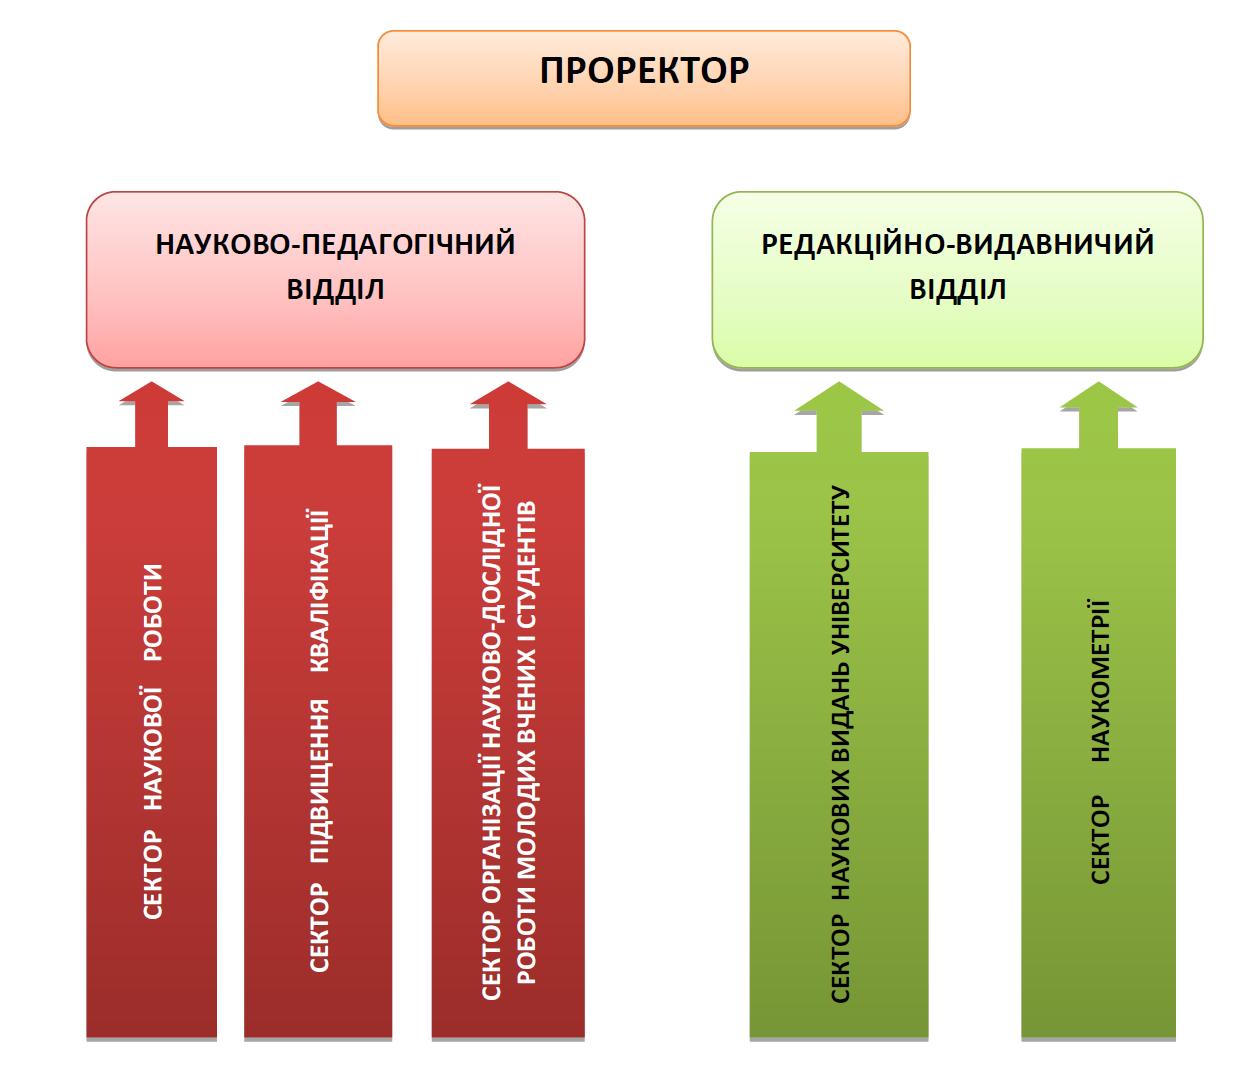 Структура науковий відділ